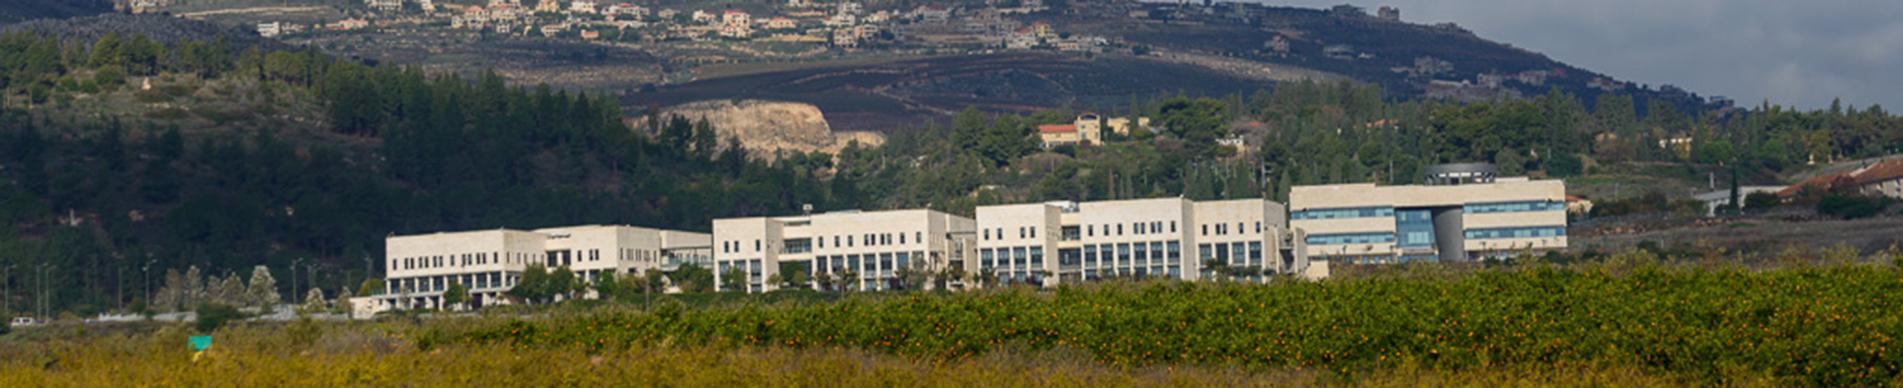 tel-hai east campus